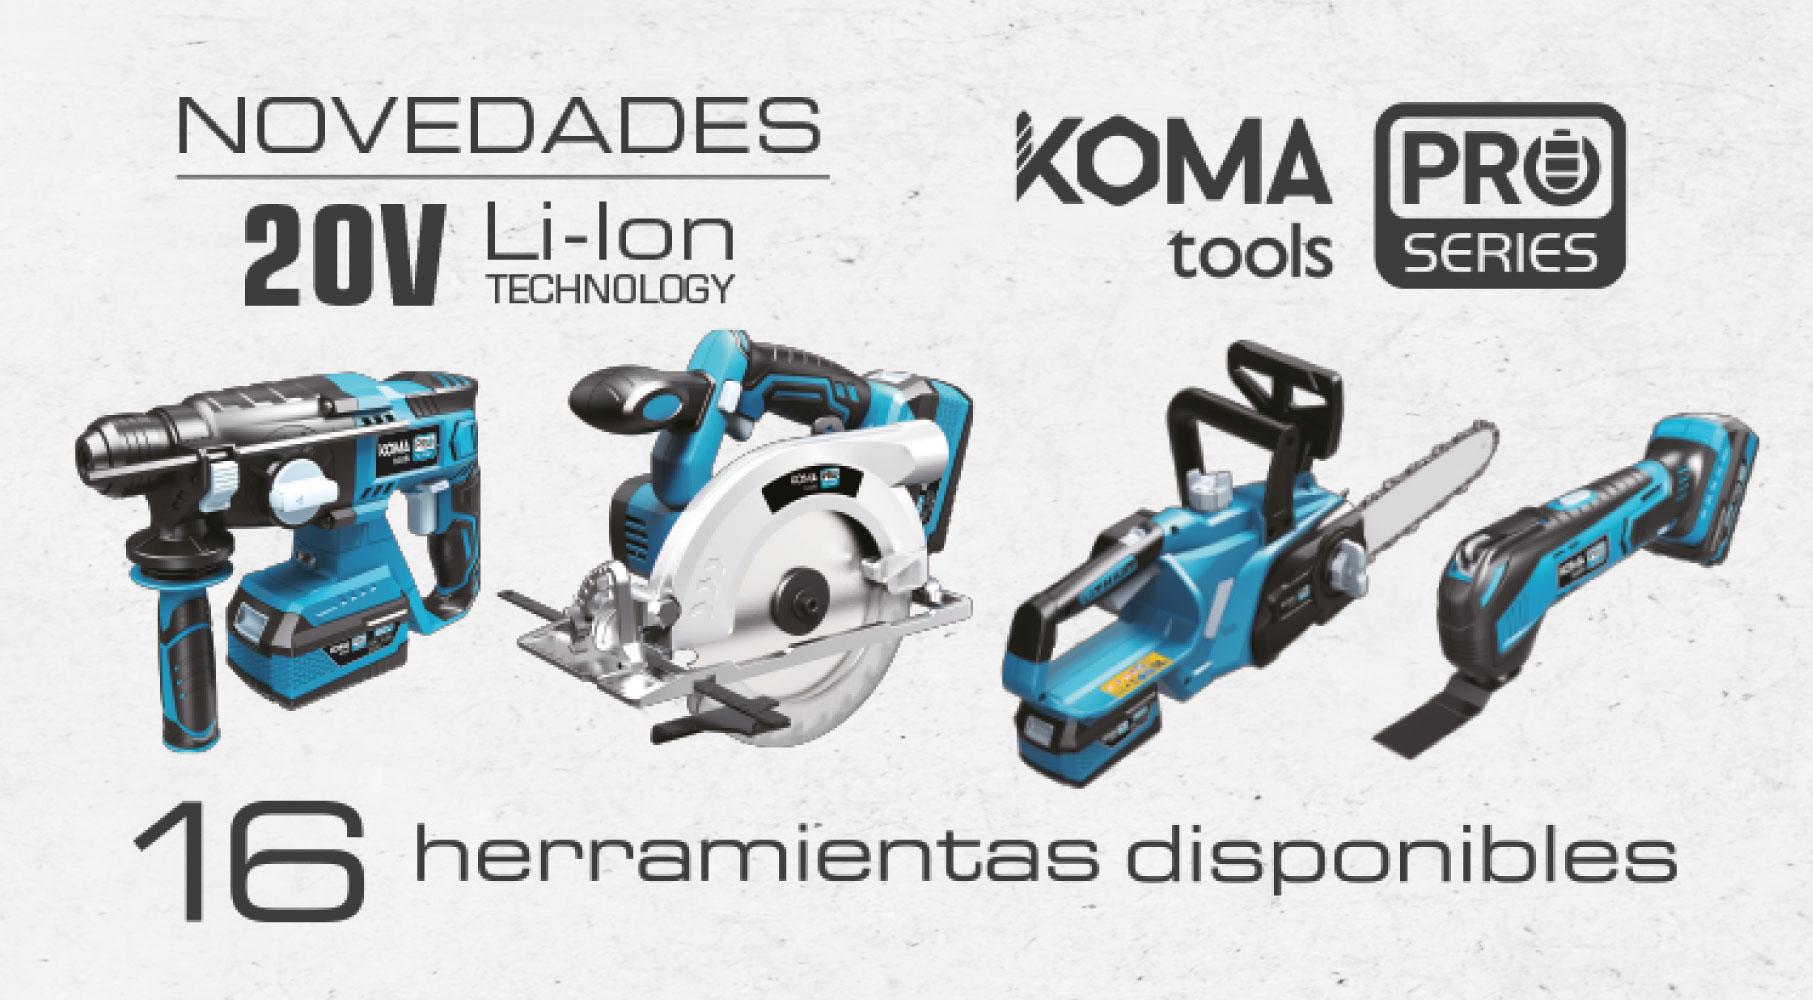 Ampliación de la gama de herramientas profesionales Koma Tools Pro